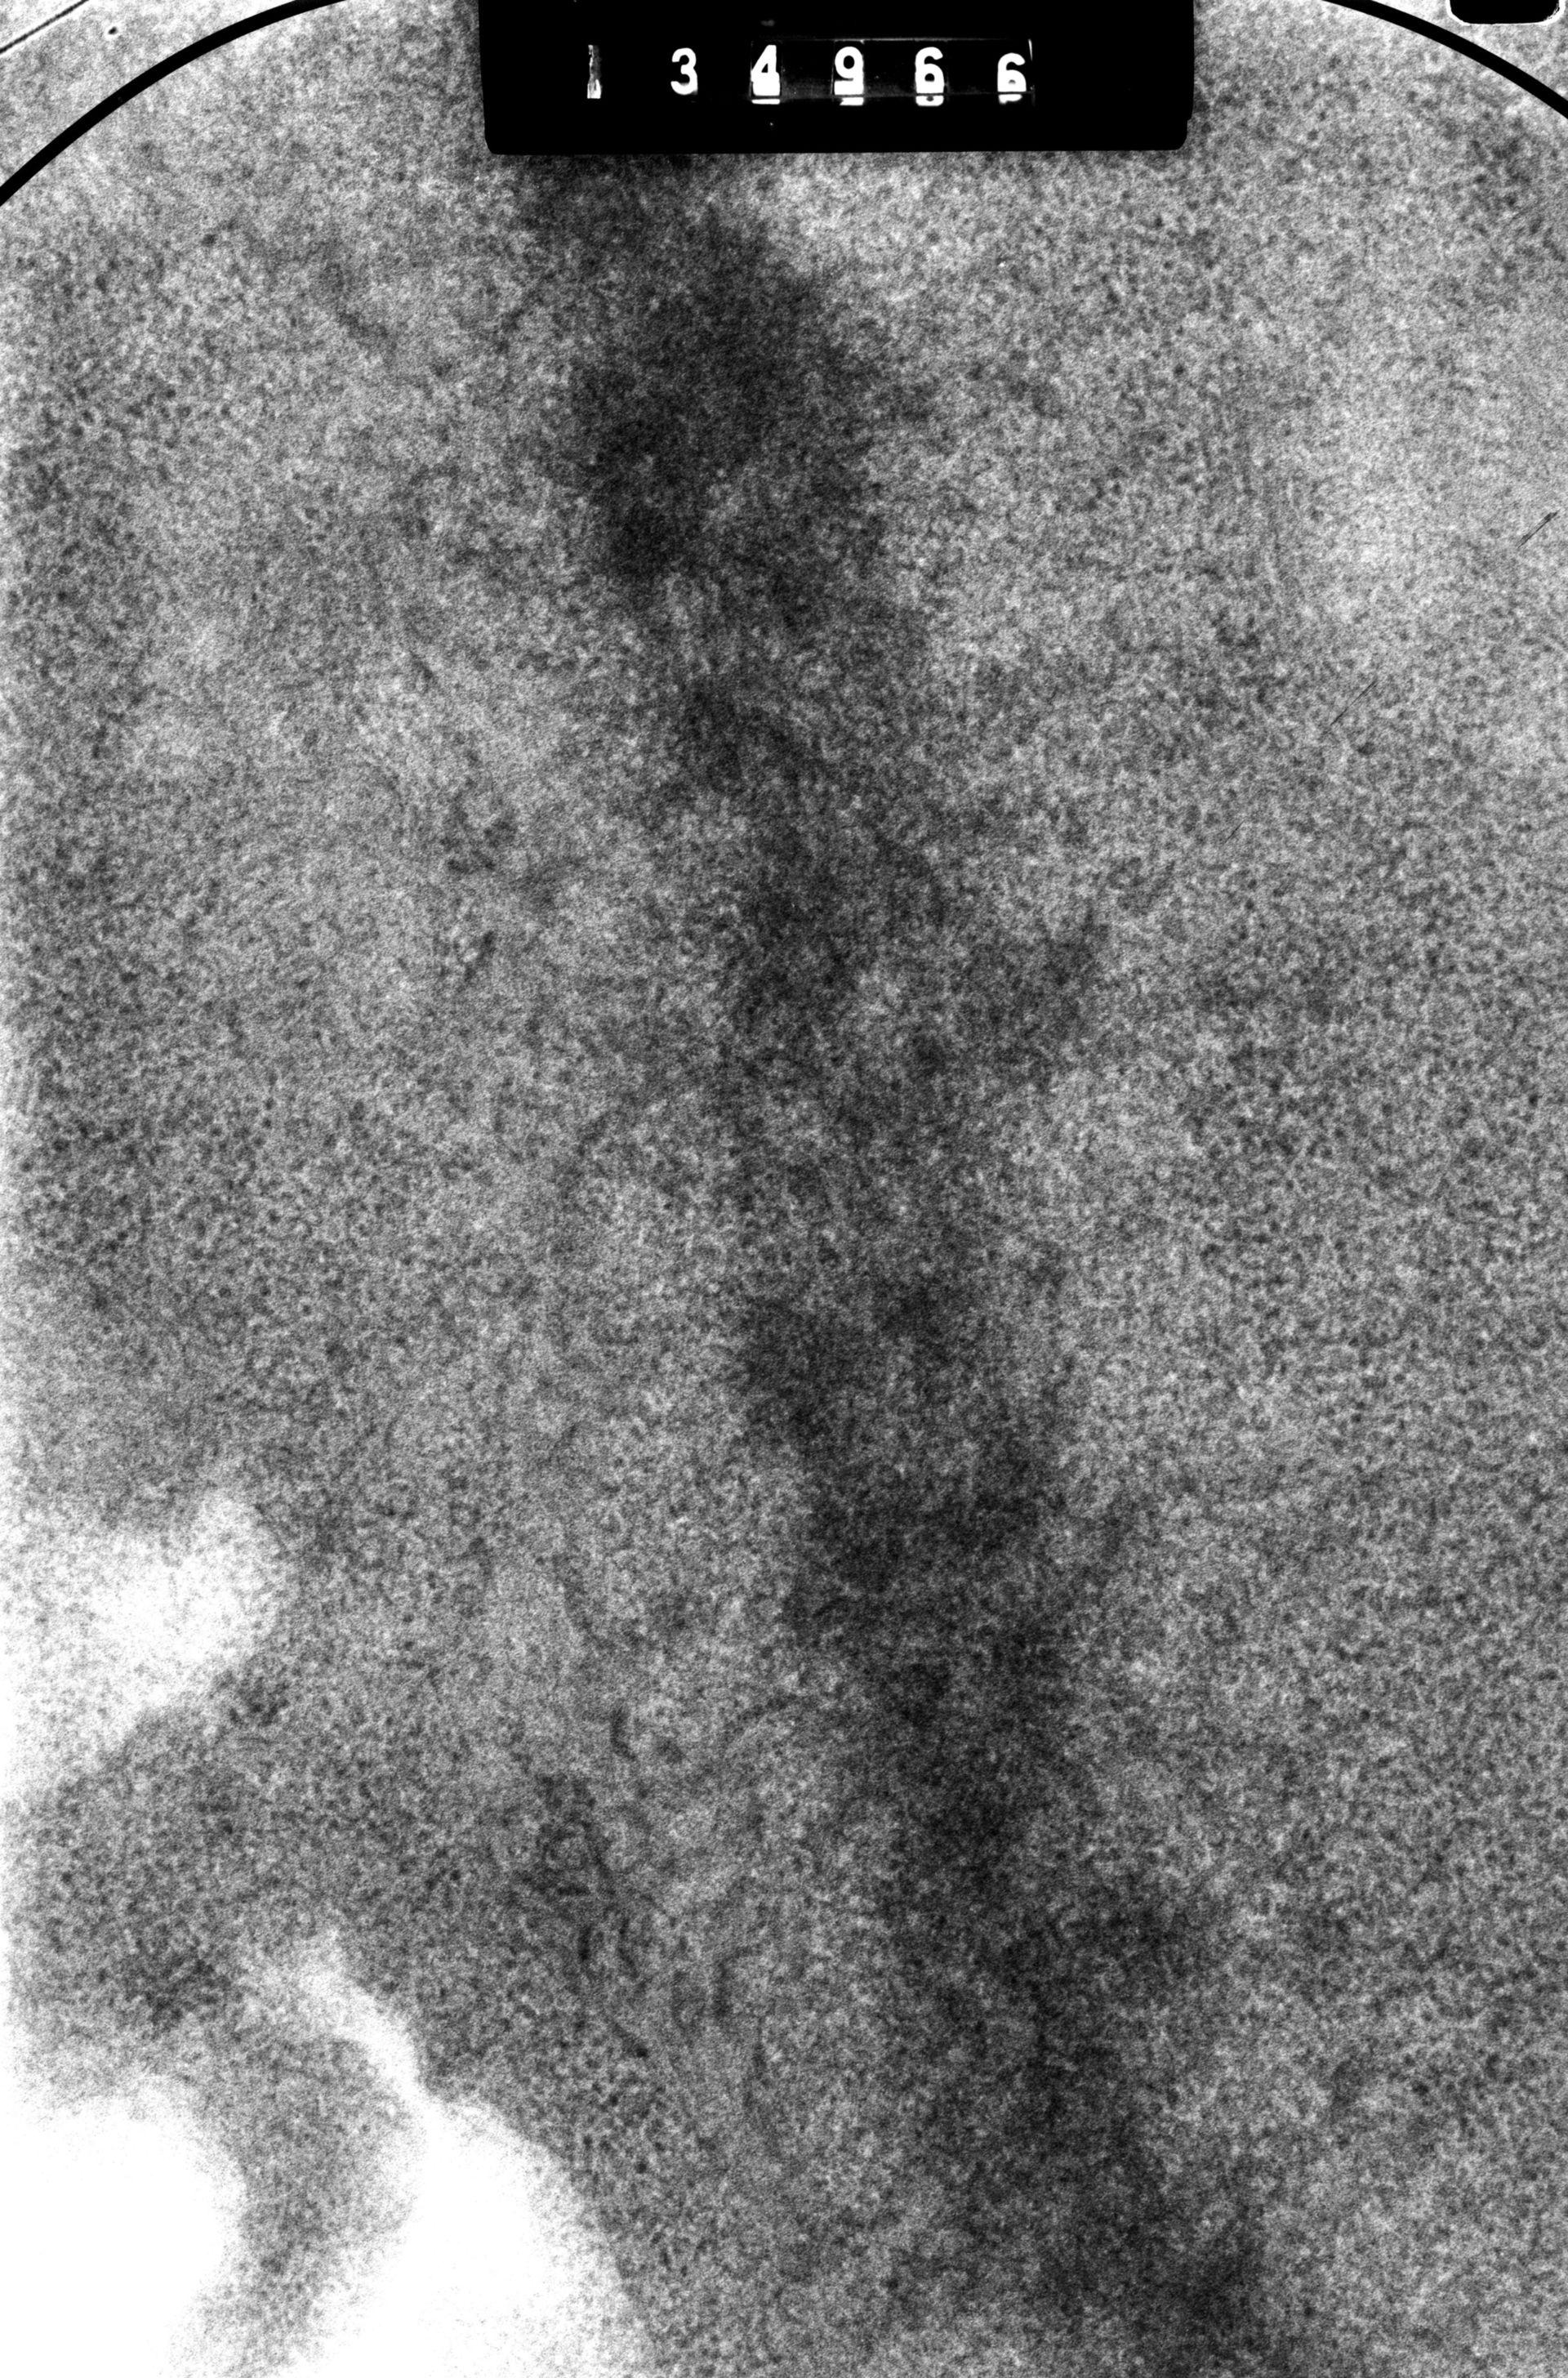 Cricetulus griseus (chromosoma nuclear) - CIL:41722